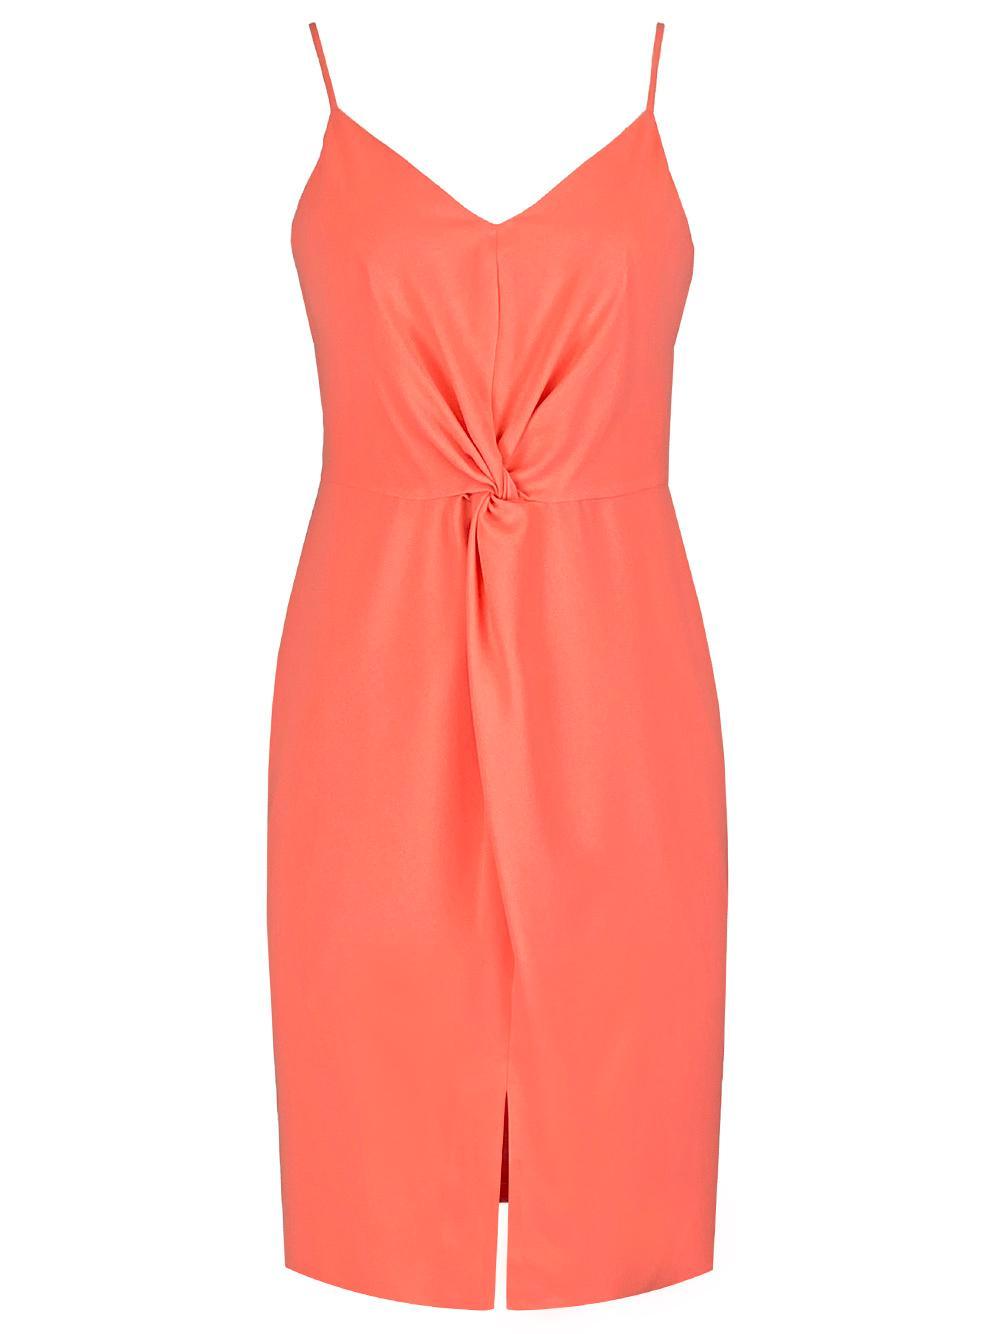 Sunbathe Dress